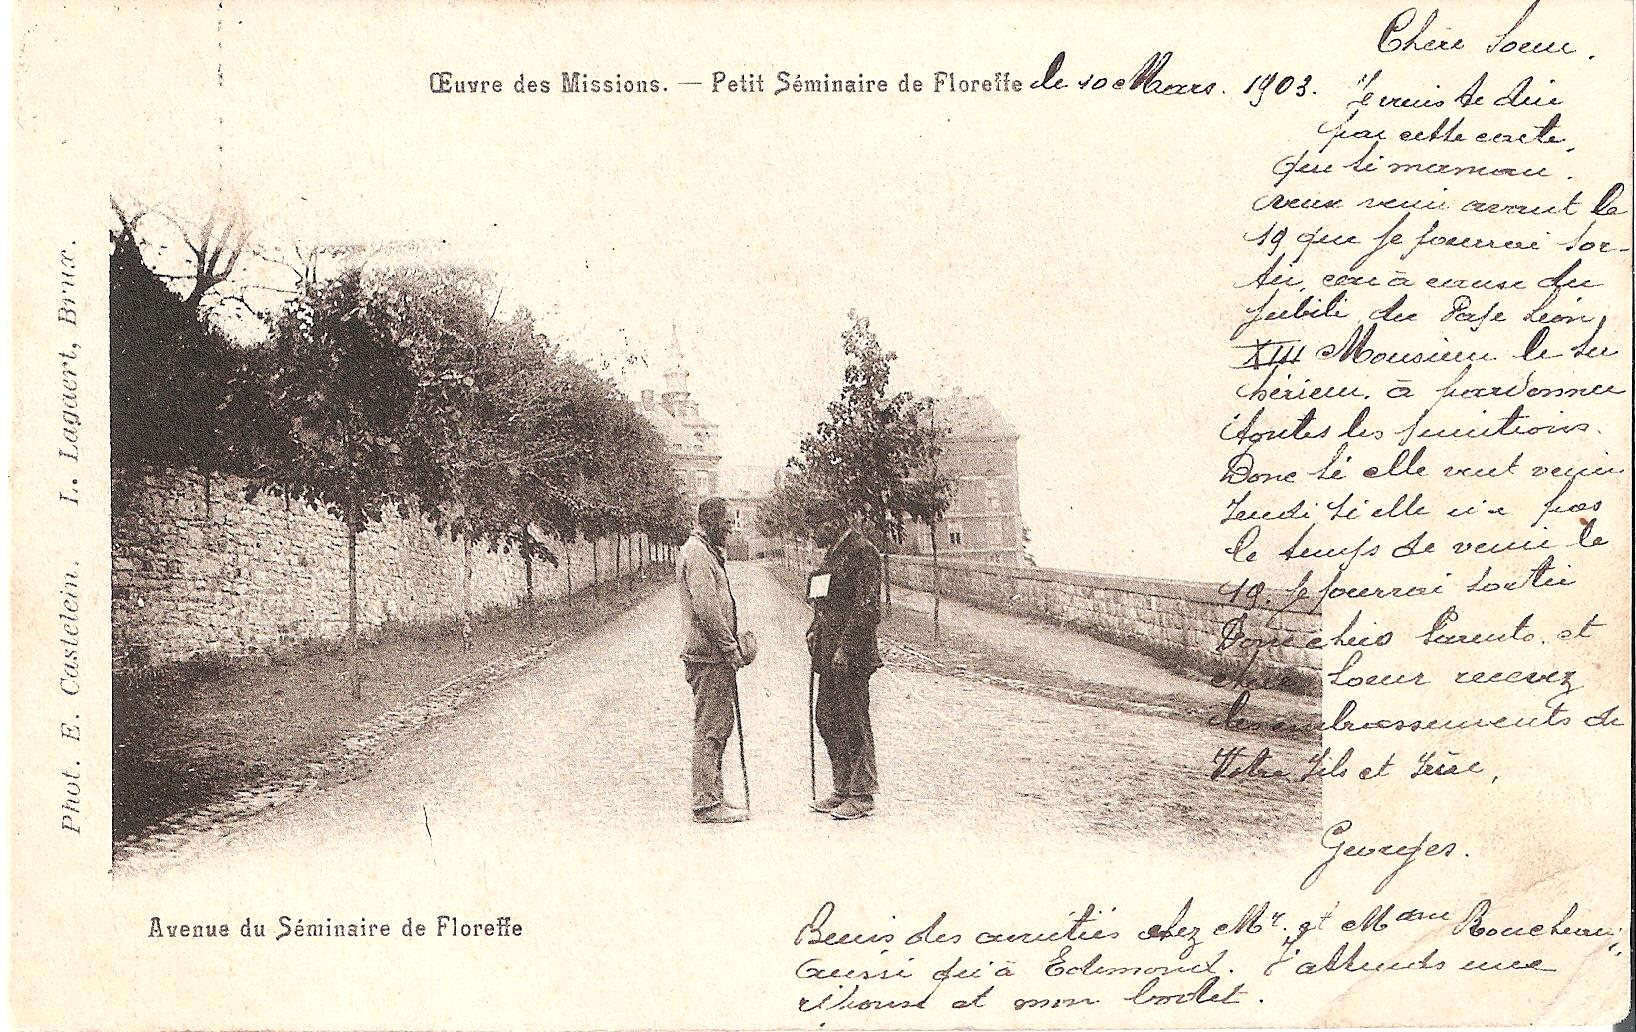 avenue du Séminaire de Floreffe